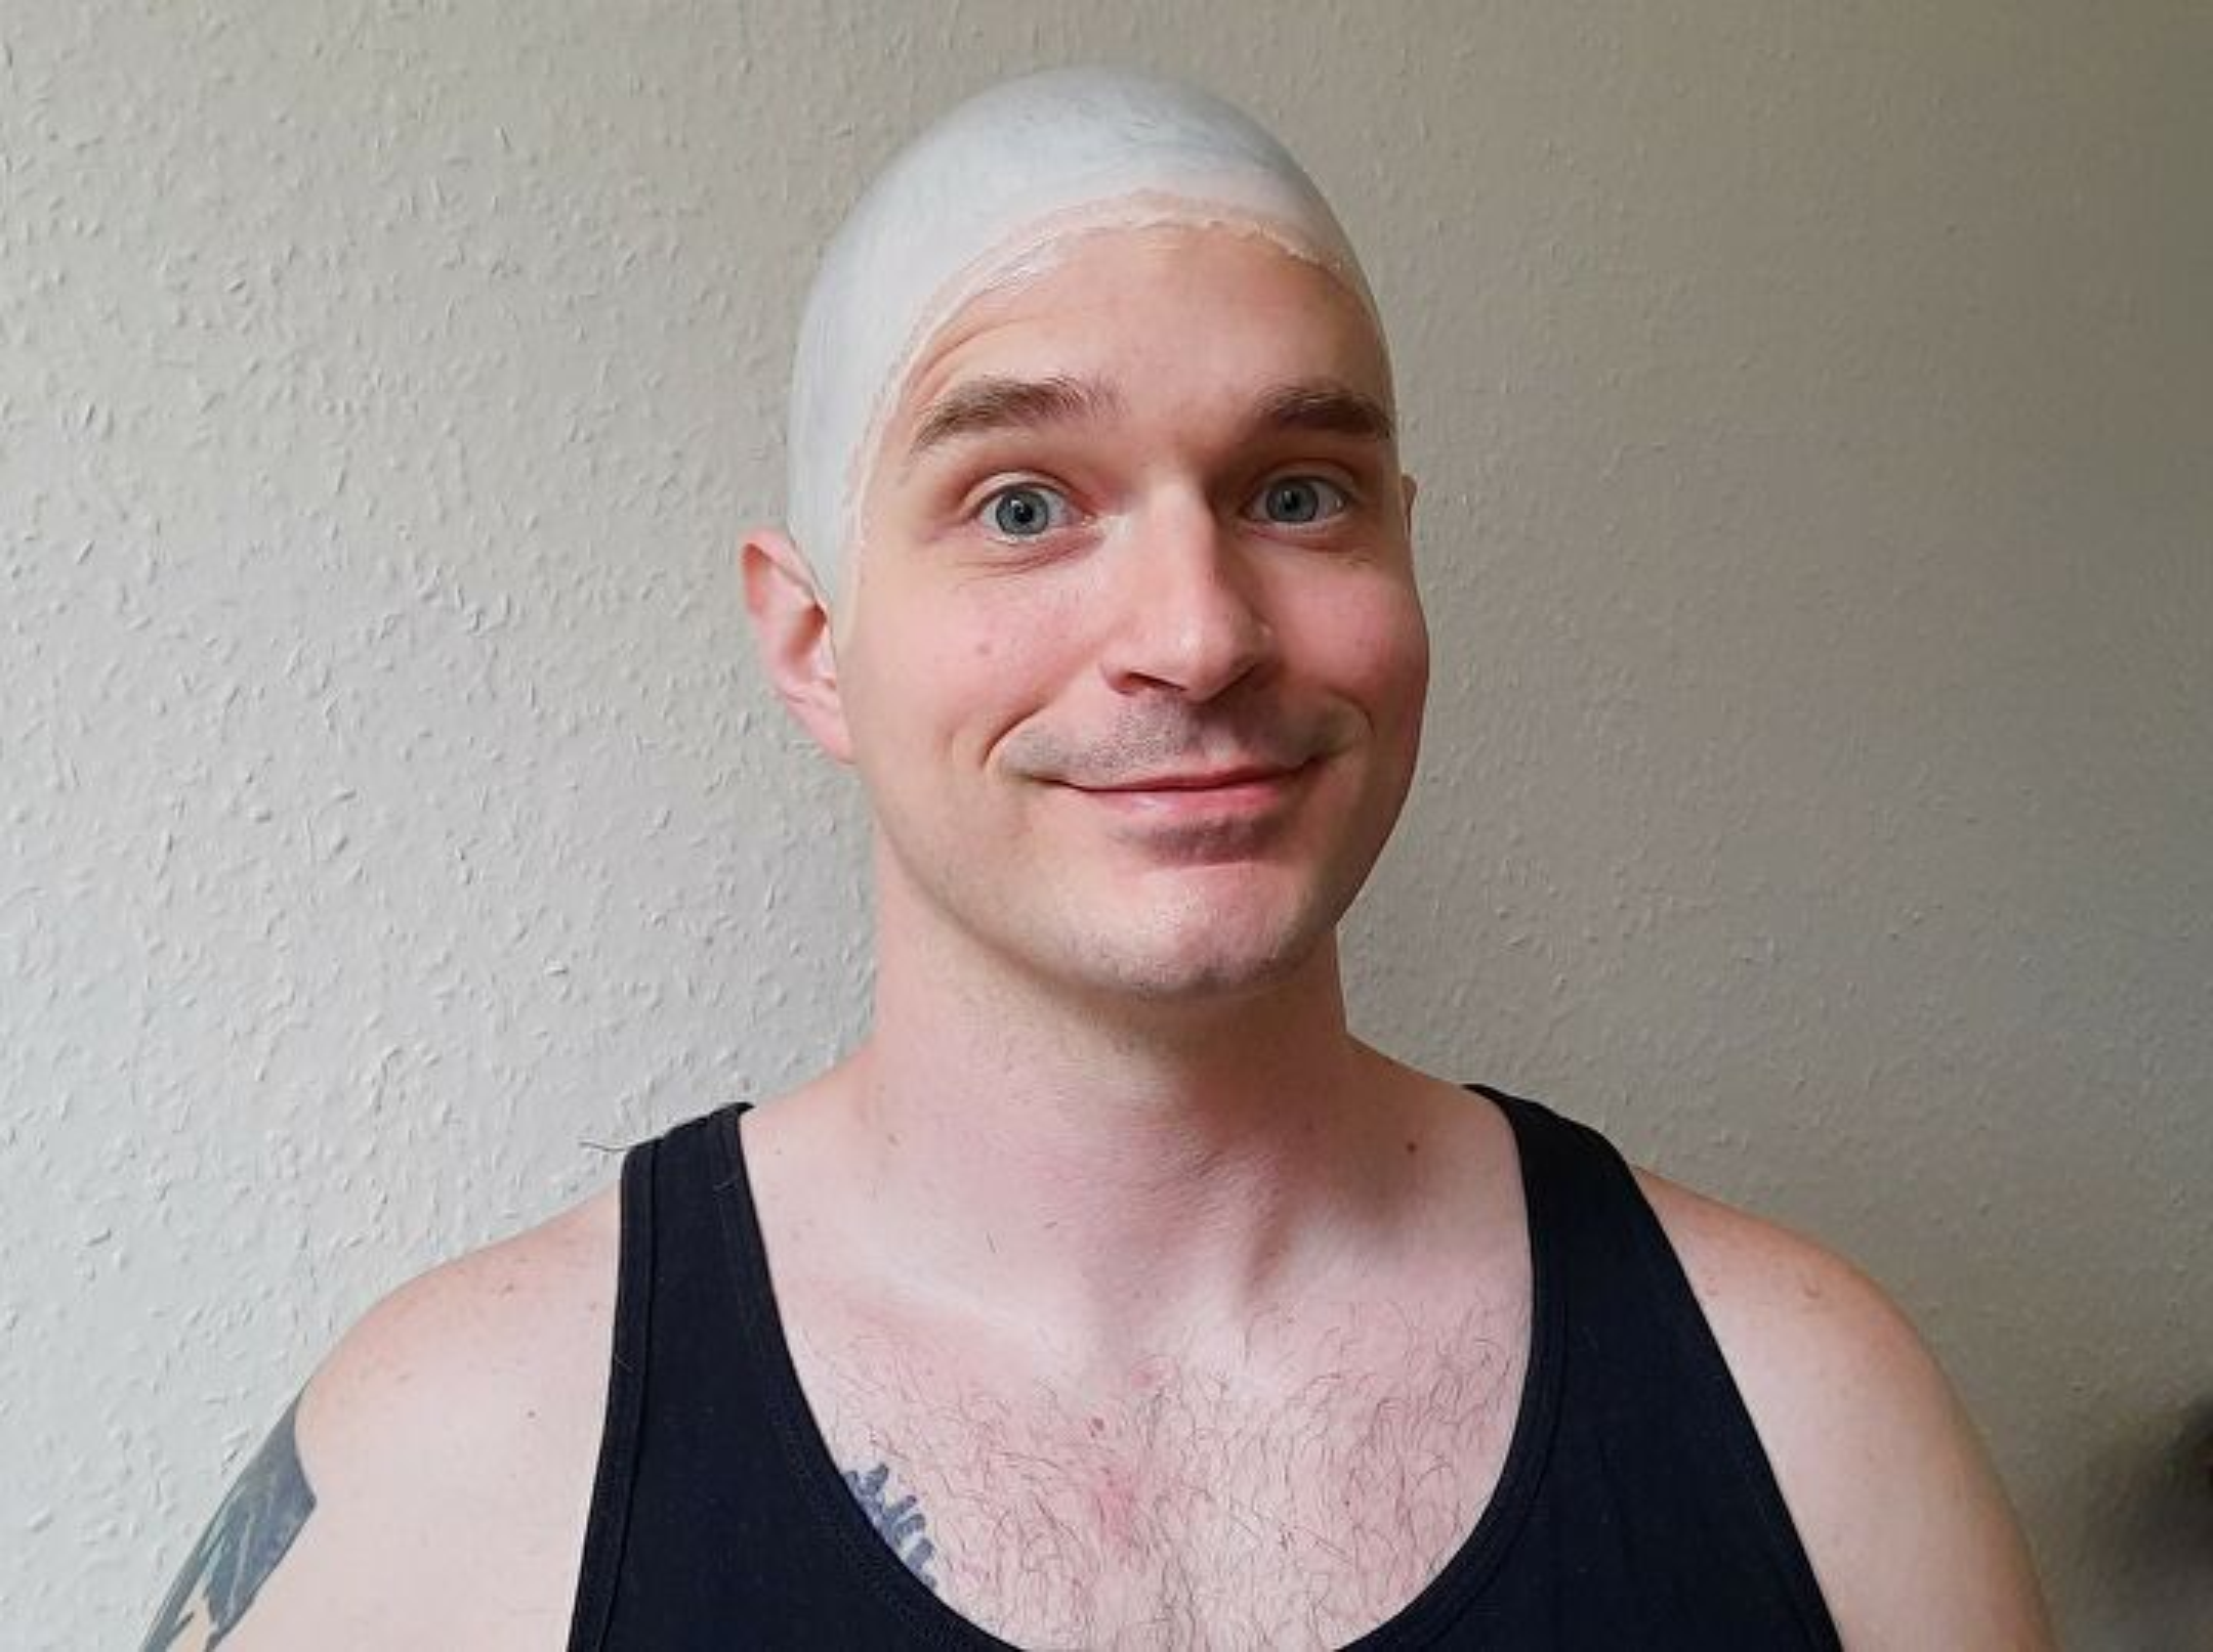 Bald Cap Tutorial